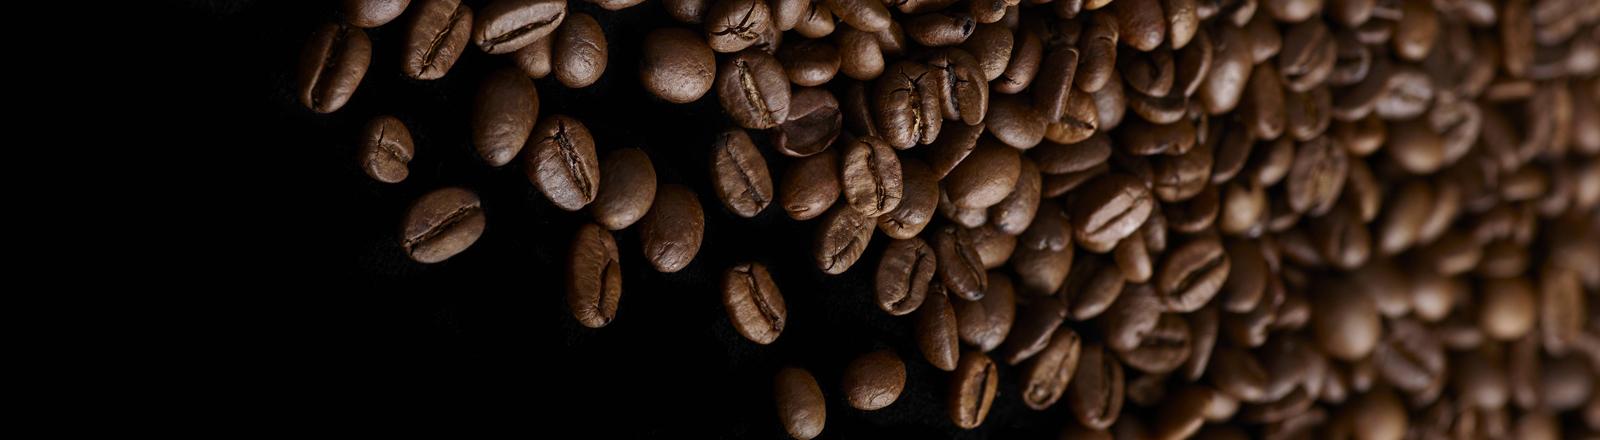 Kaffeebohnen.